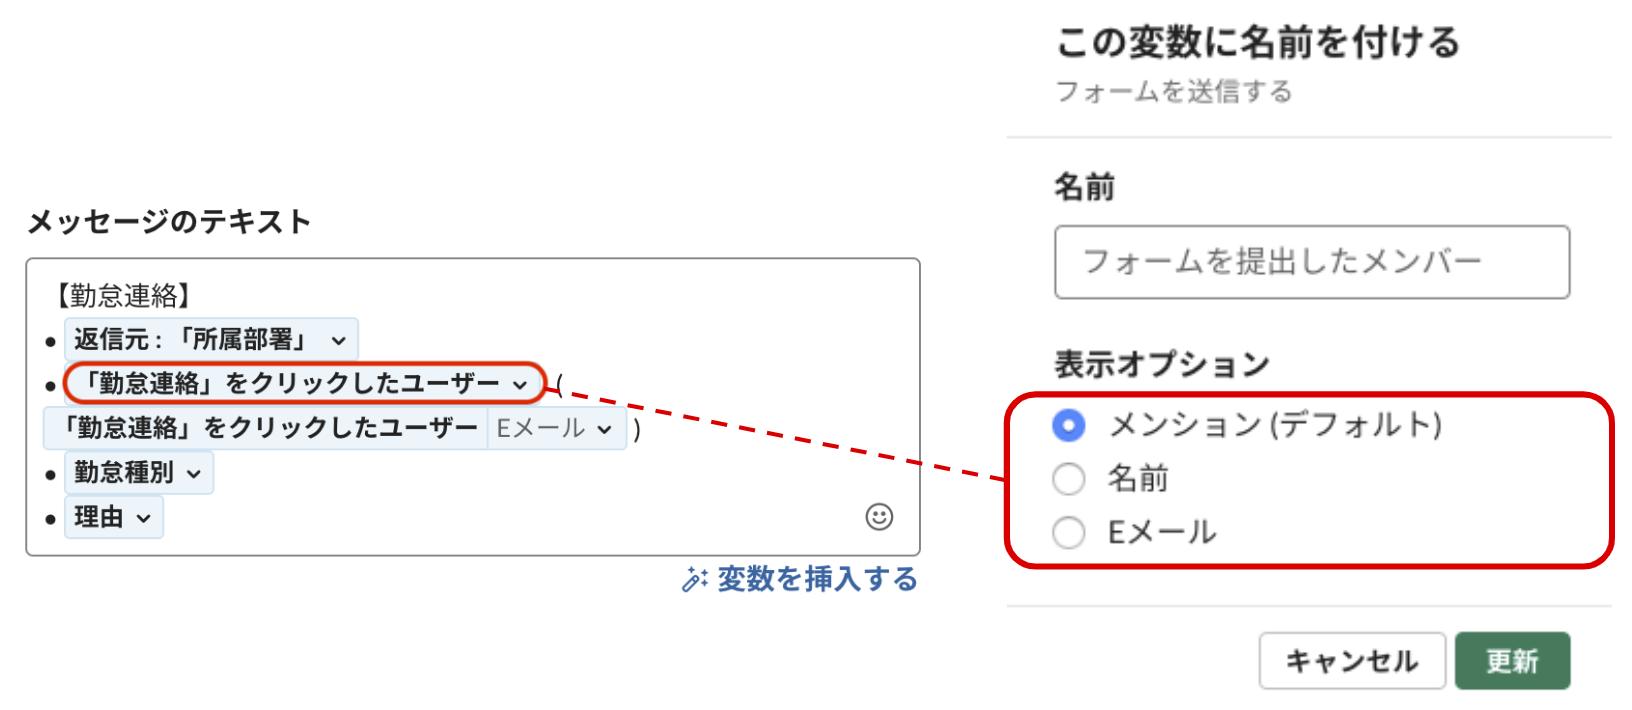 Slackワークフローでユーザーの表示名を投稿内容に設定できない画面のスクリーンショット